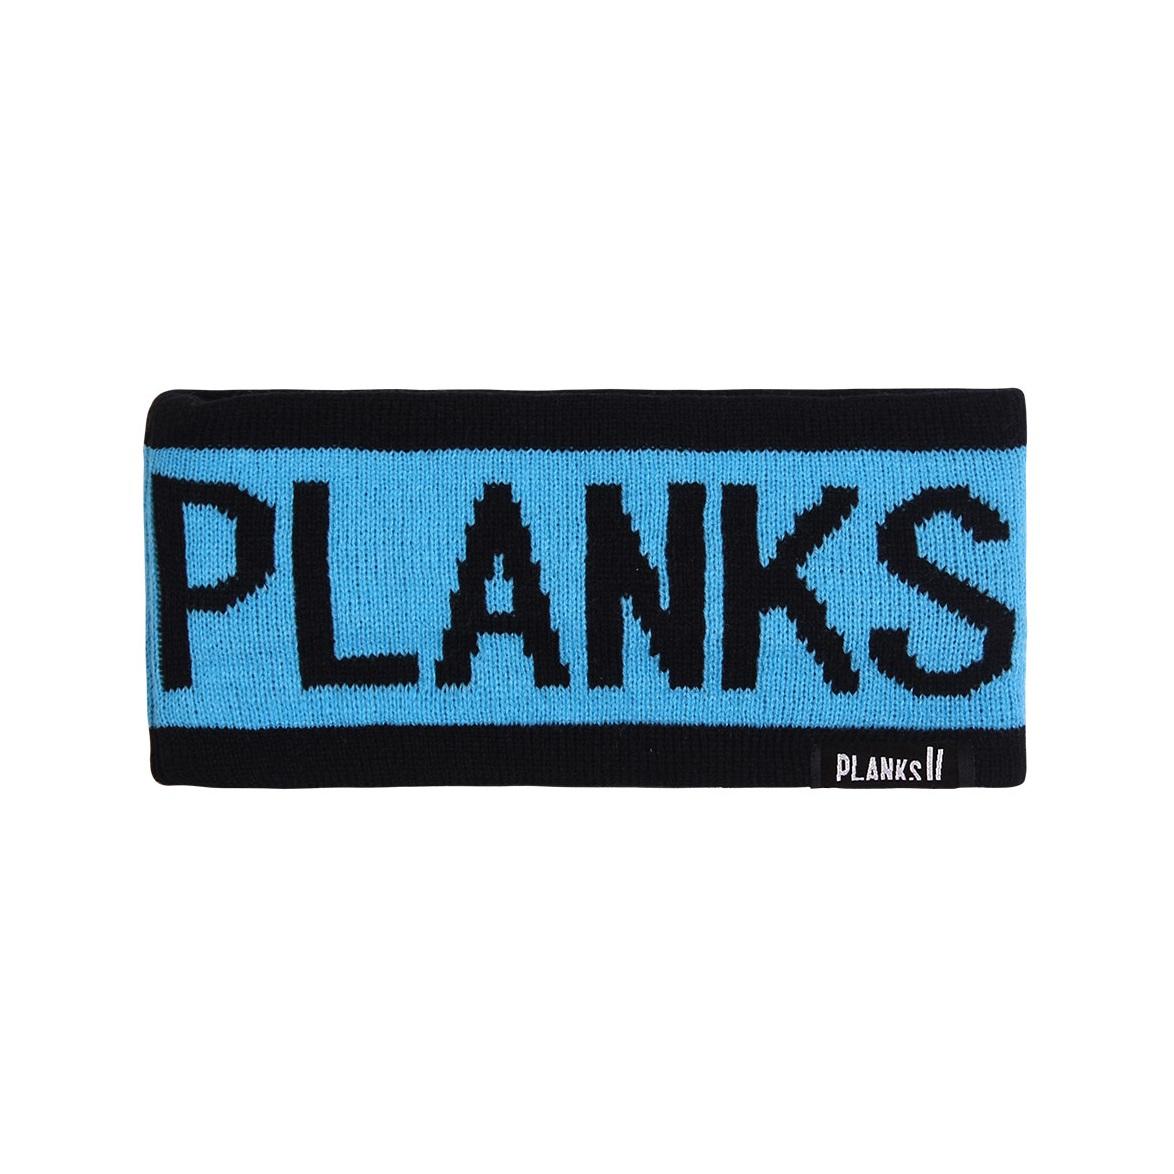 PLANKSMAC402